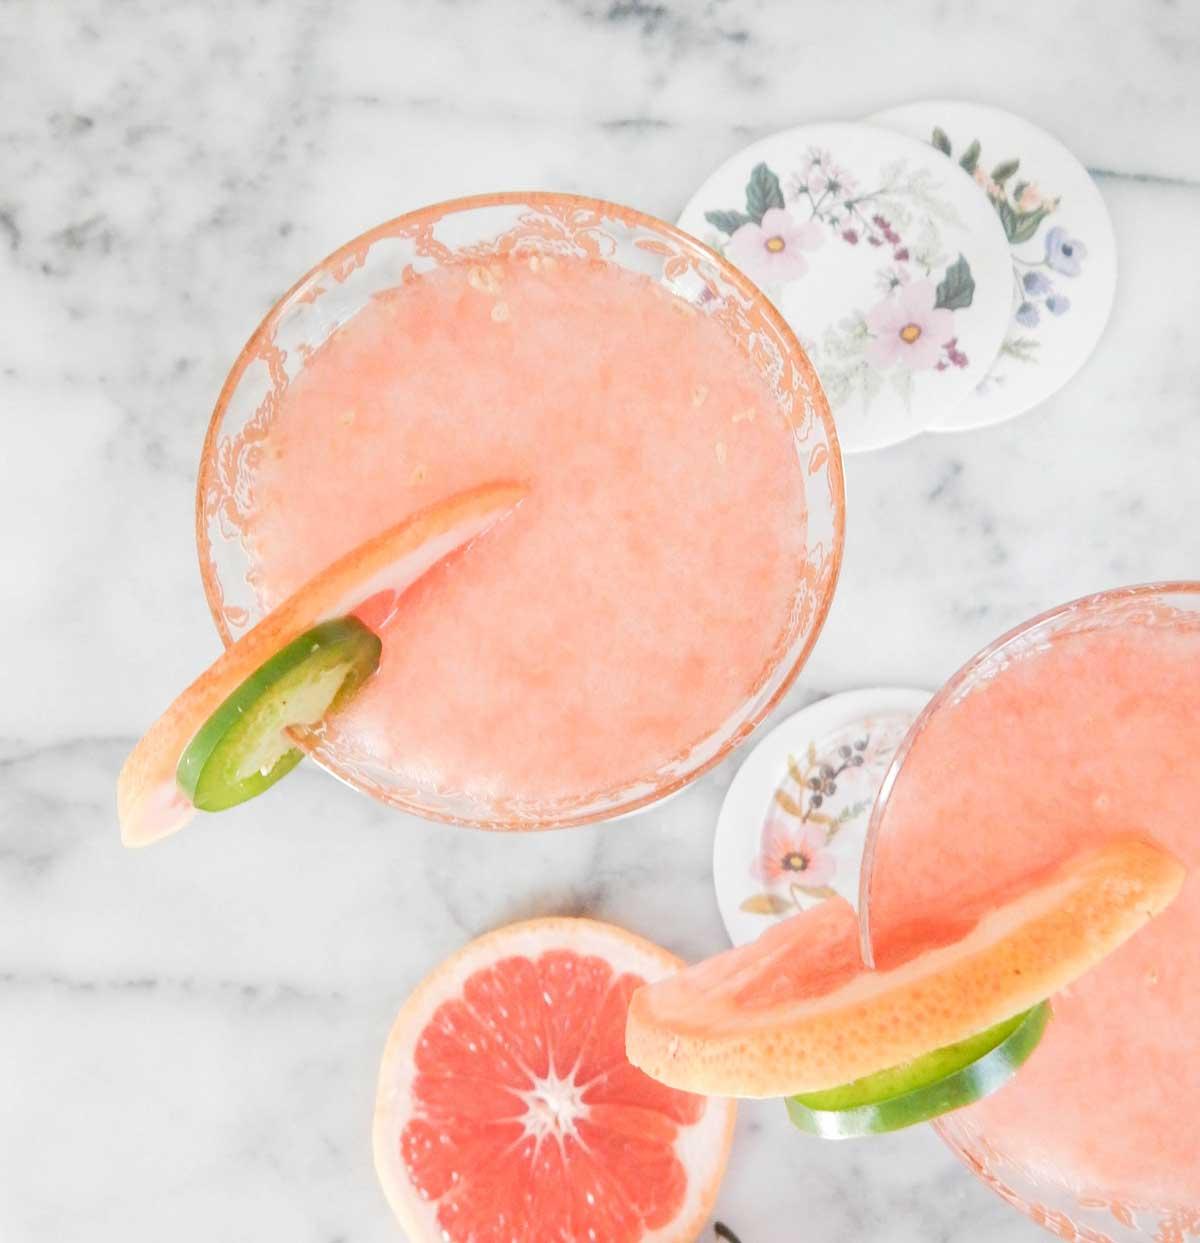 Grapefruit Sunrise Cocktails for Easter